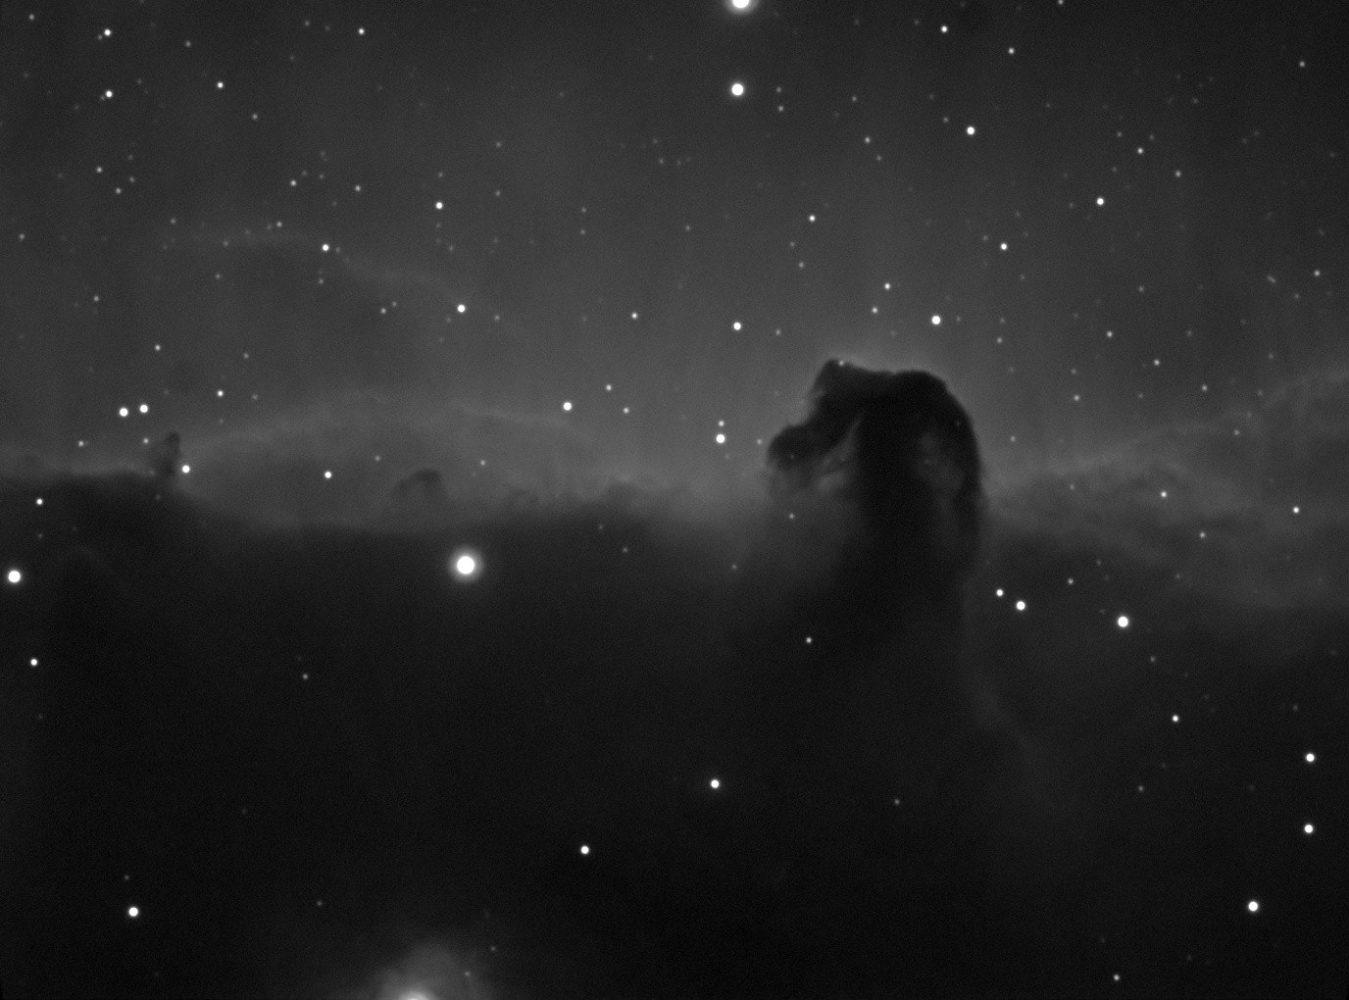 Barnard 33, 2007-12-09